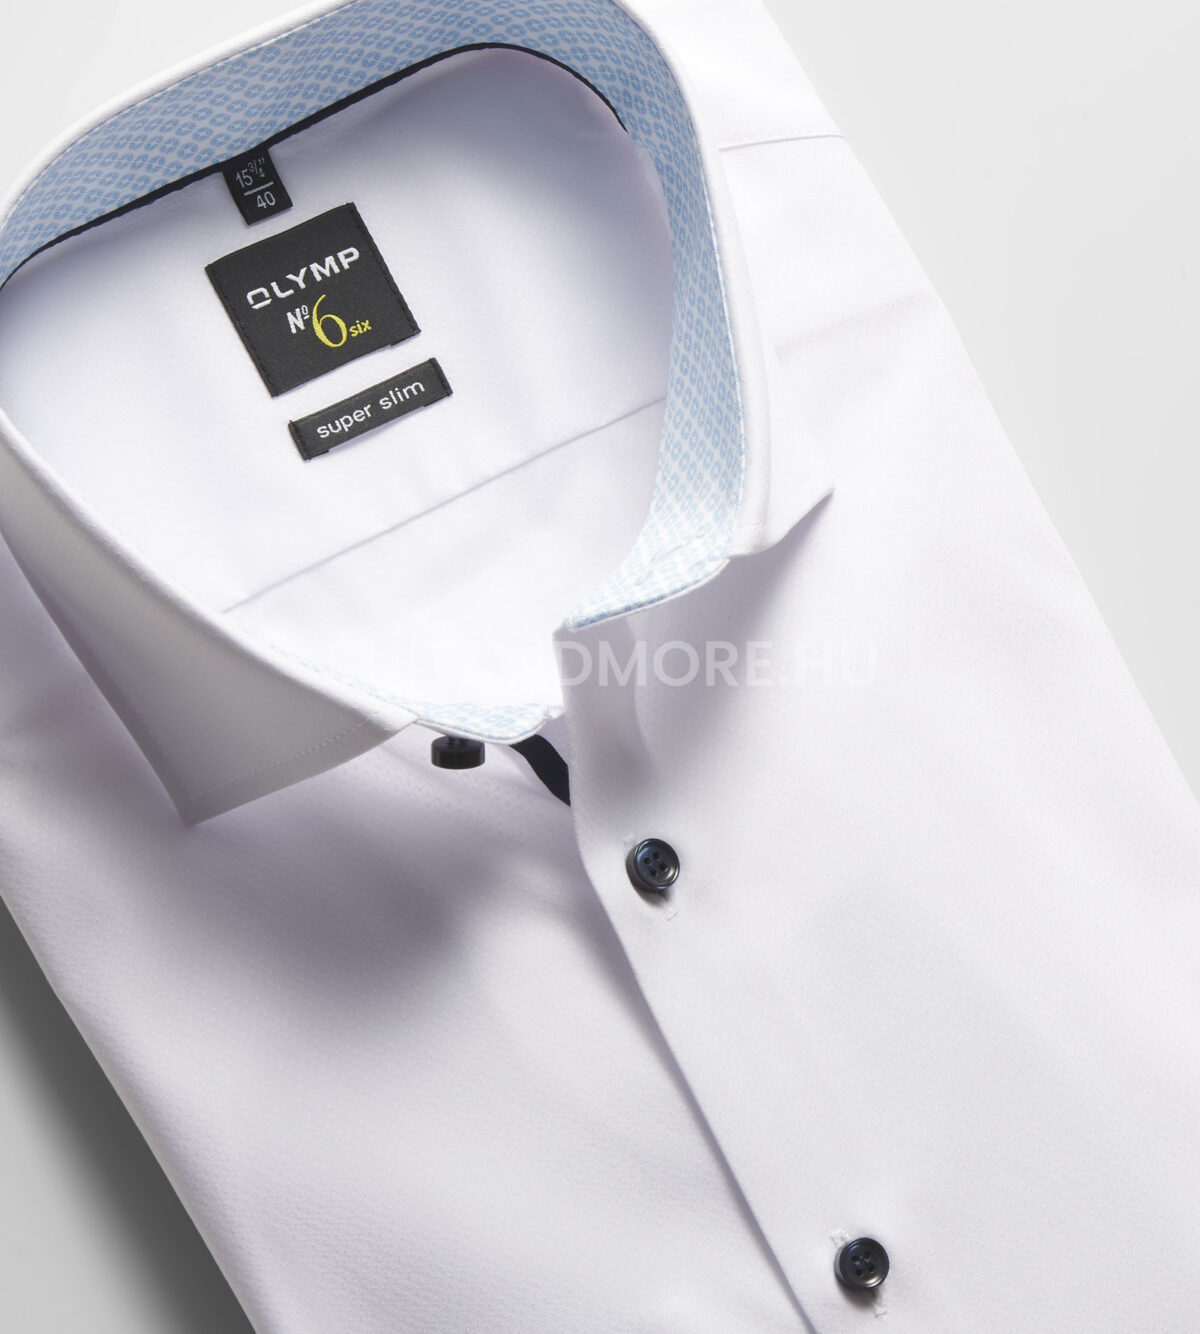 OLYMP-No-Six-fehér-super-slim-vasaláskönnyített-ing-2540-34-00-02